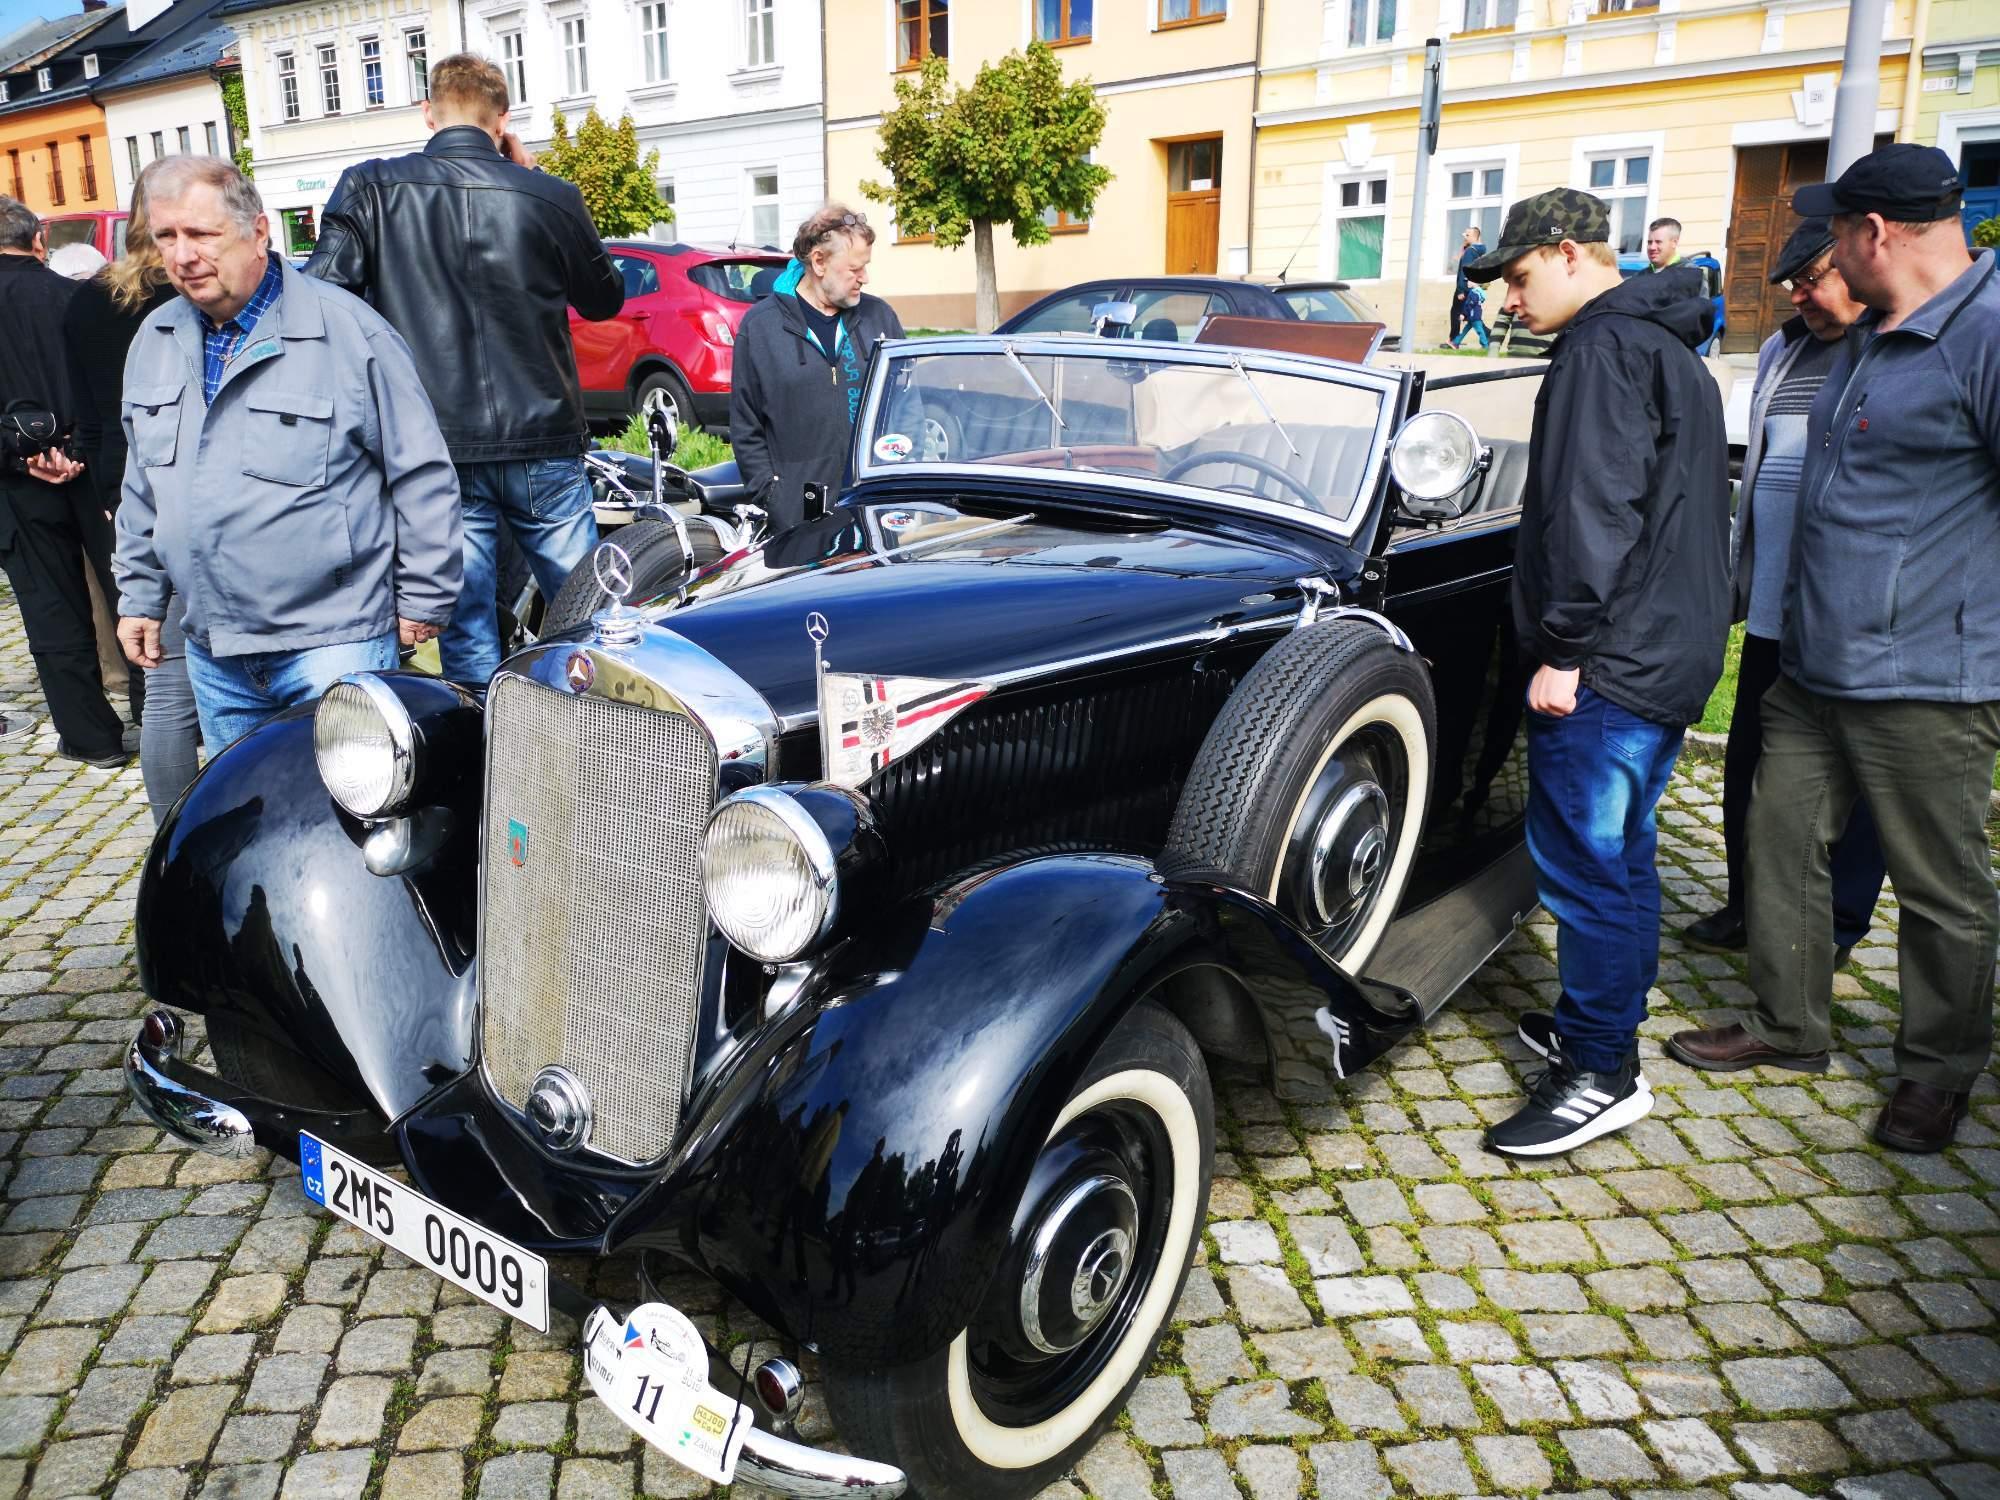 Mercedes podobný modelu používaný Reinhardem Heydrichem se účastní srazu v Zábřehu pravidelně. Foto: Jiří Černý